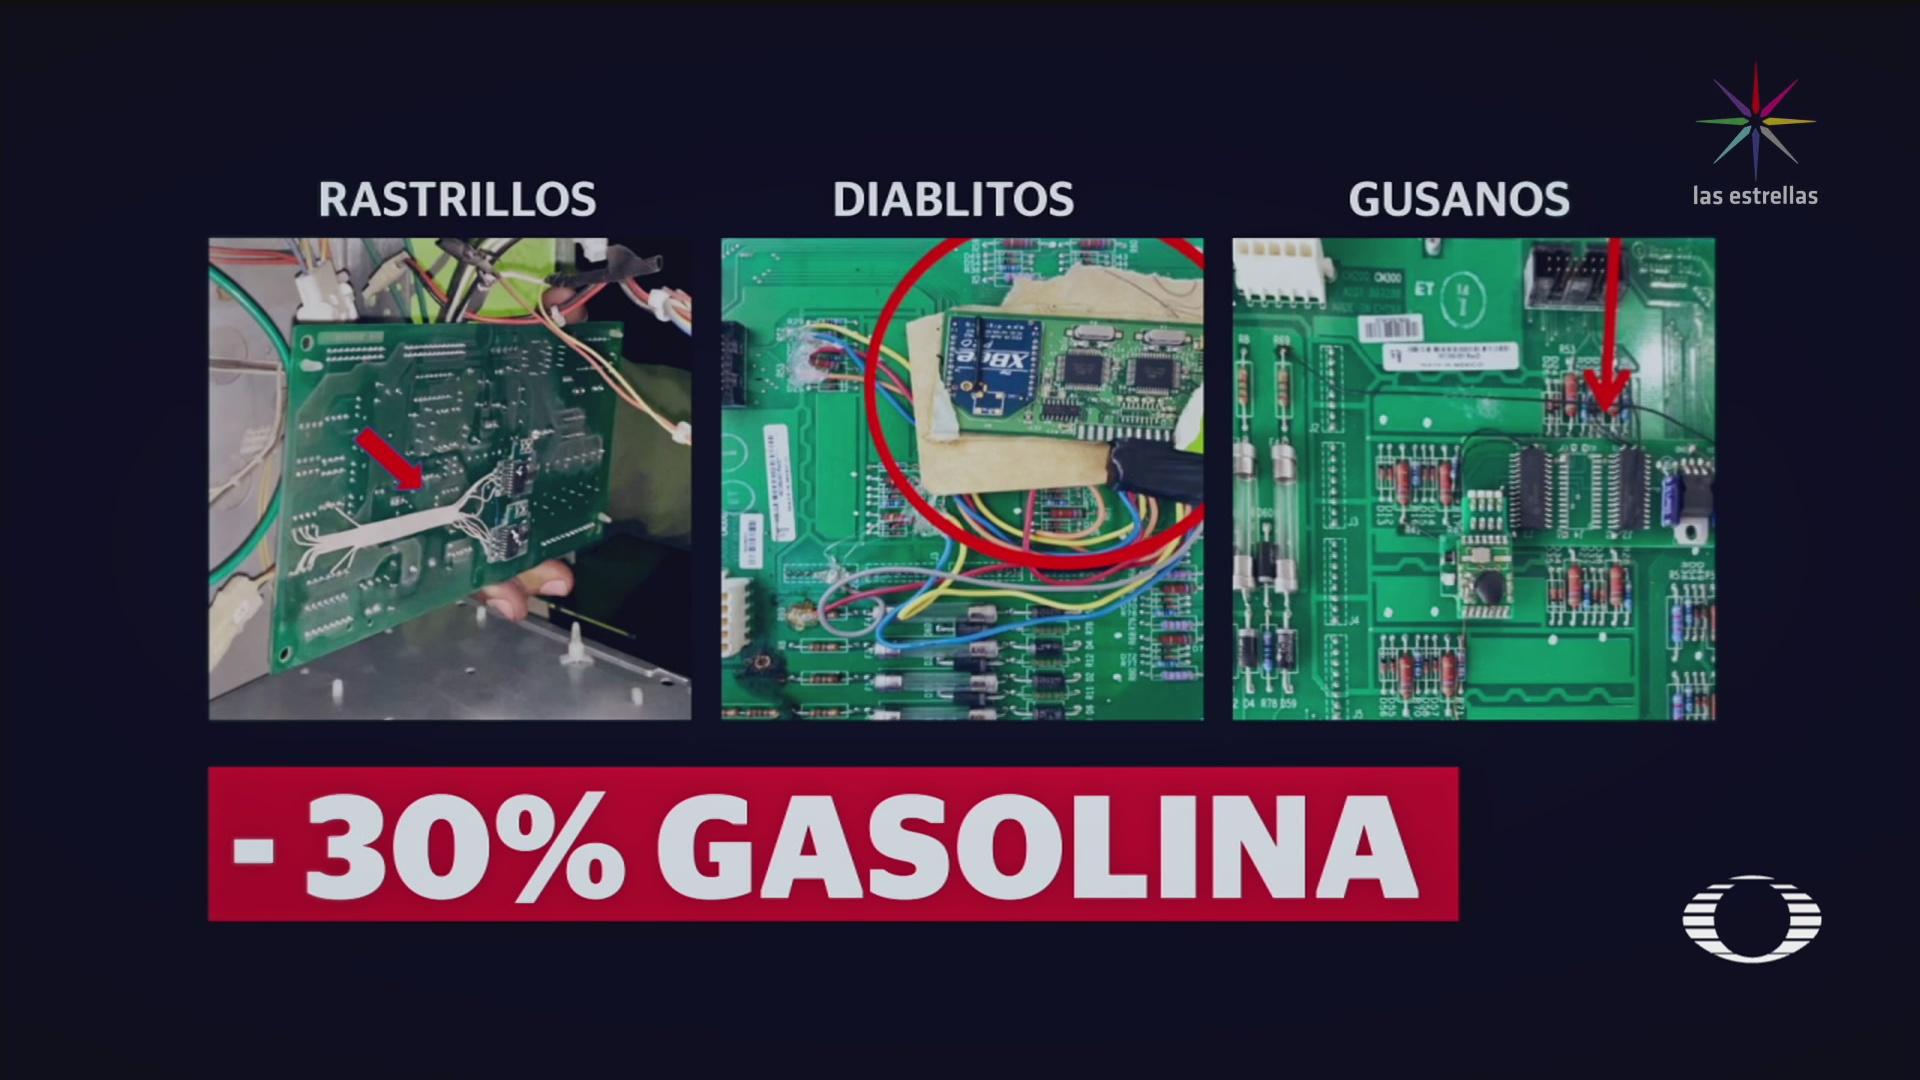 Foto: Gusano Gasolina Nuevo Modo Robar Gasolina Establecimientos 29 Enero 2020